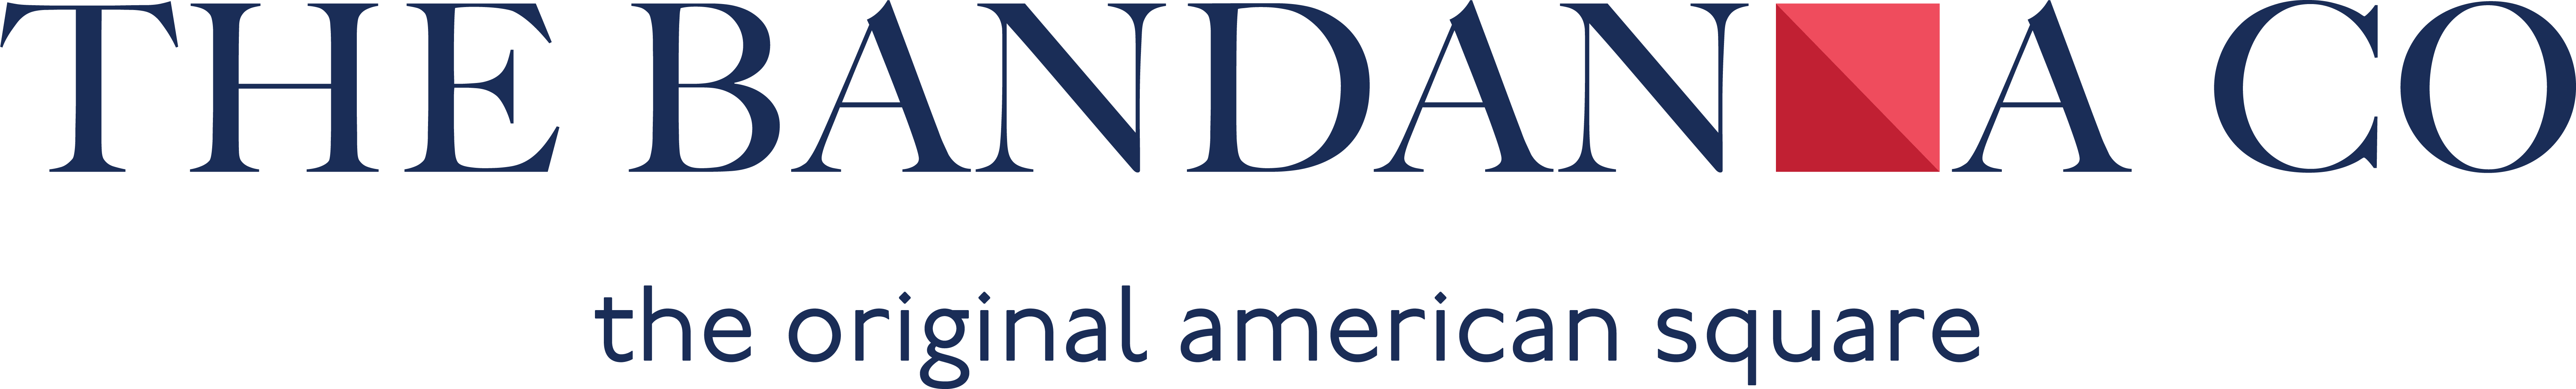 The Bandanna Company Logo